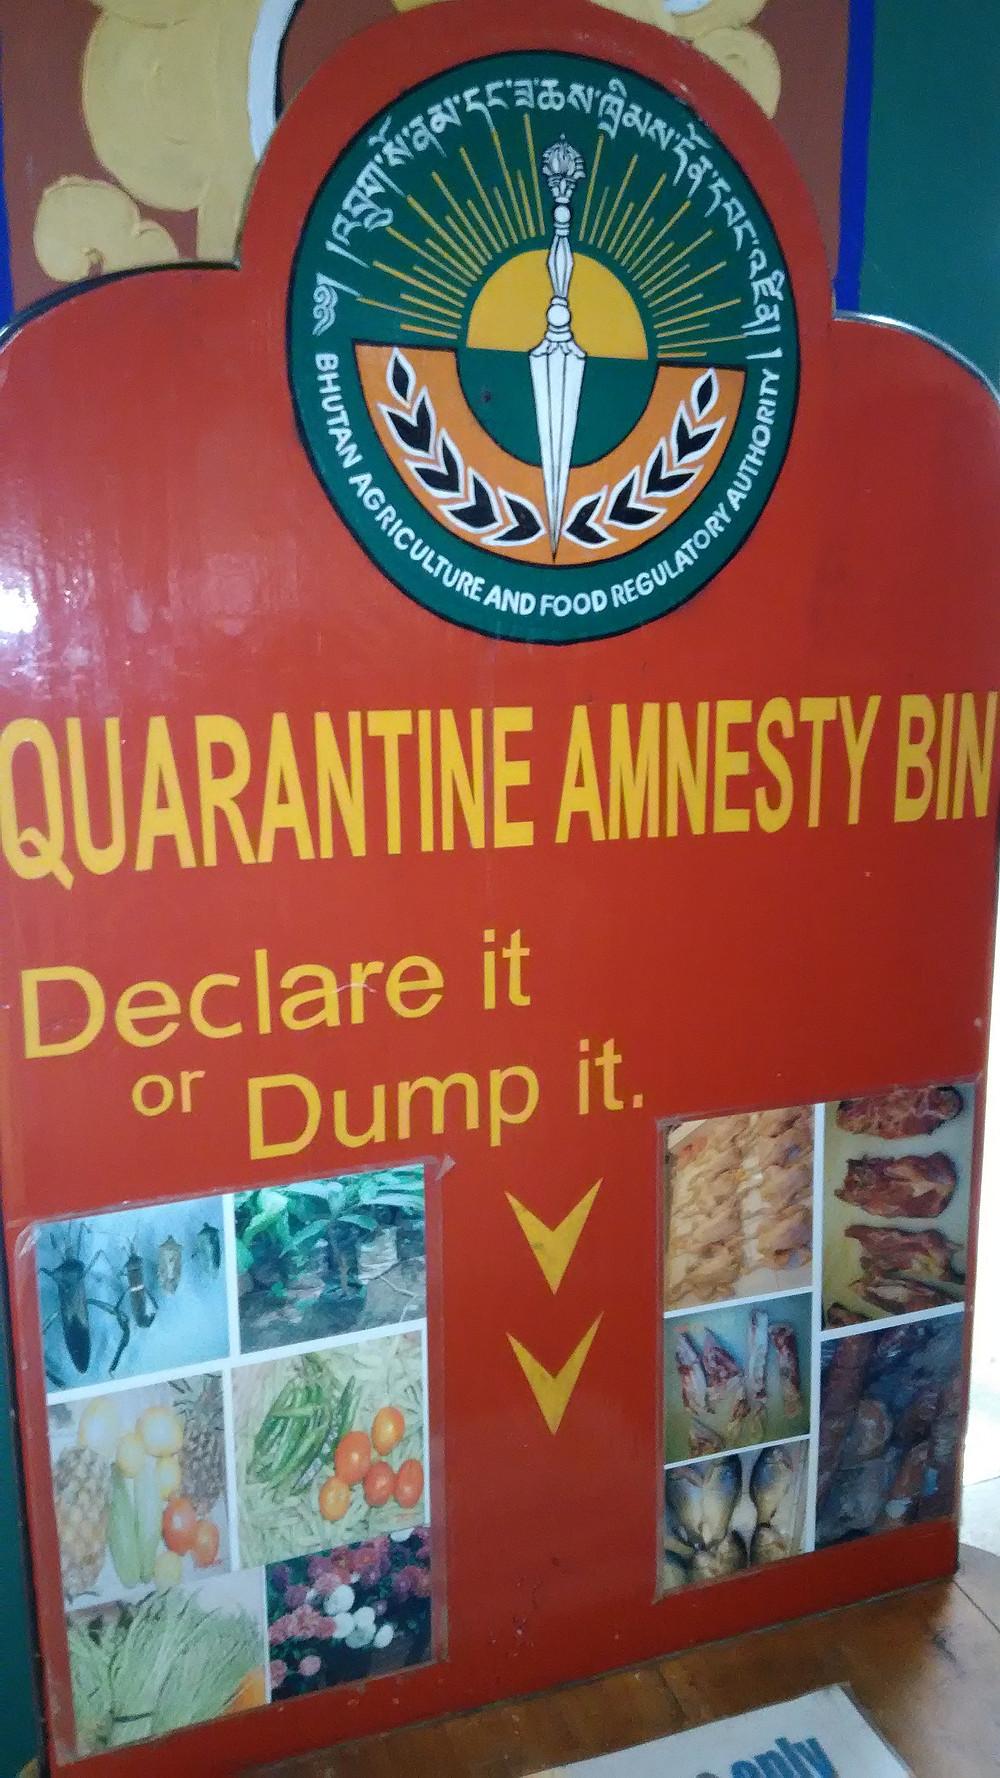 Lentokentällä on viimeinen mahdollisuus luopua kielletyistä tuotteista, ja välttyä niiden maahantuonnista seuraavalta rangaistukselta.